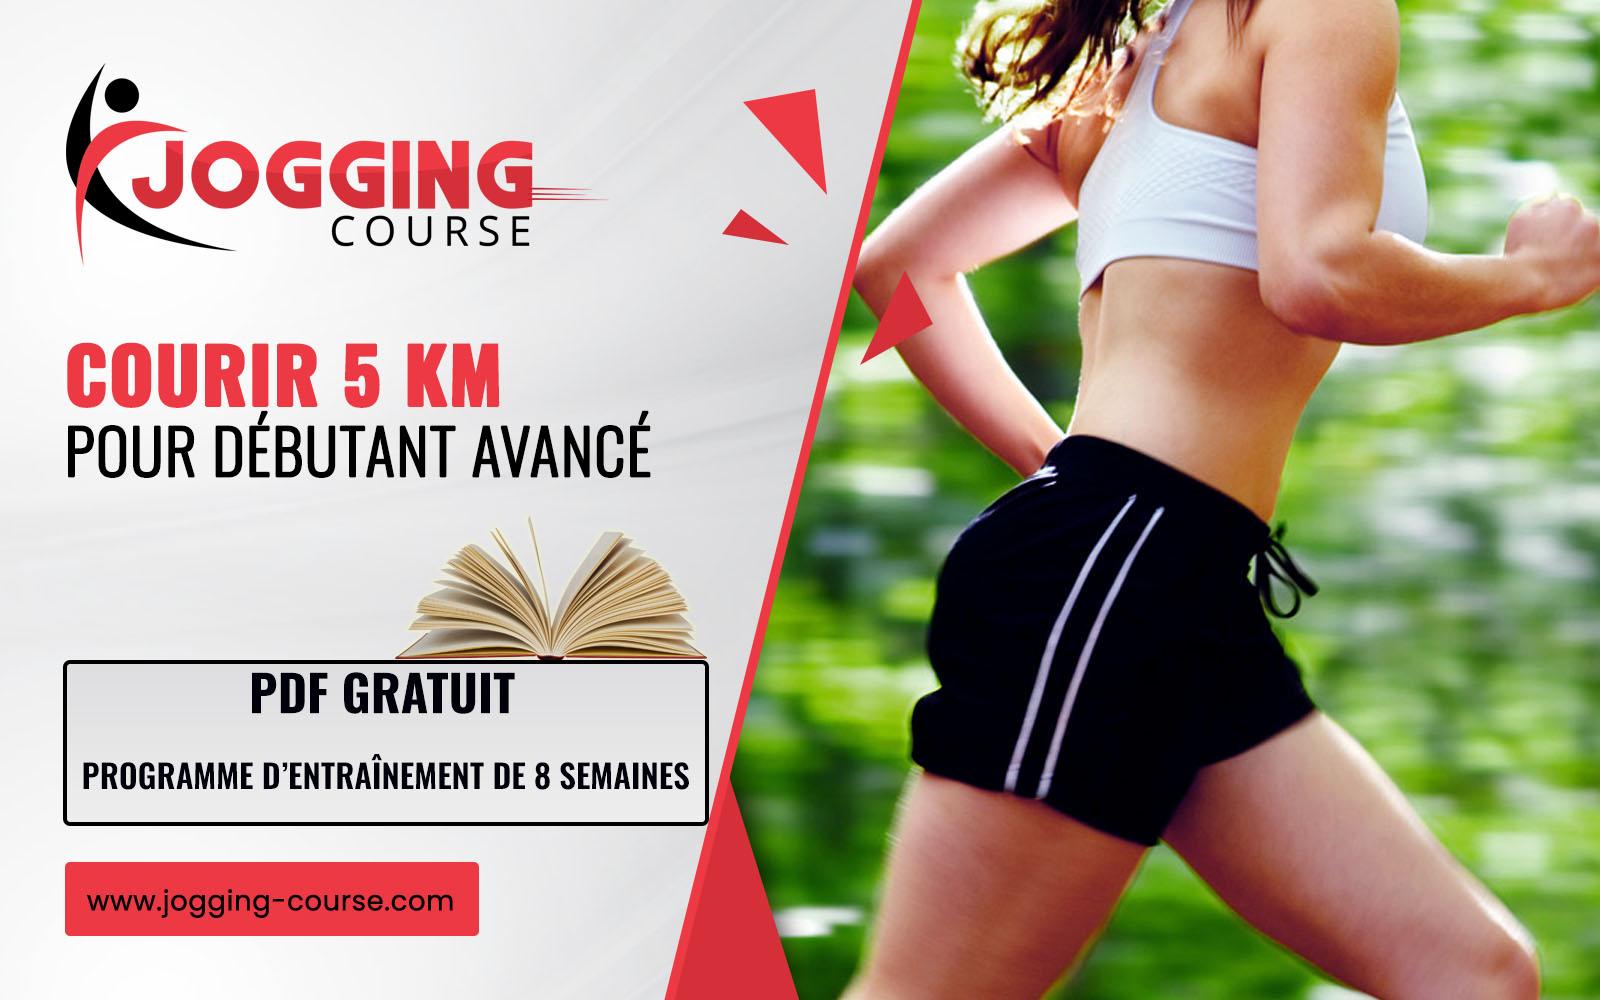 PROGRAMME DE COURSE 5 KM POUR LES DÉBUTANTS AVANCÉS JOGGING-COURSE